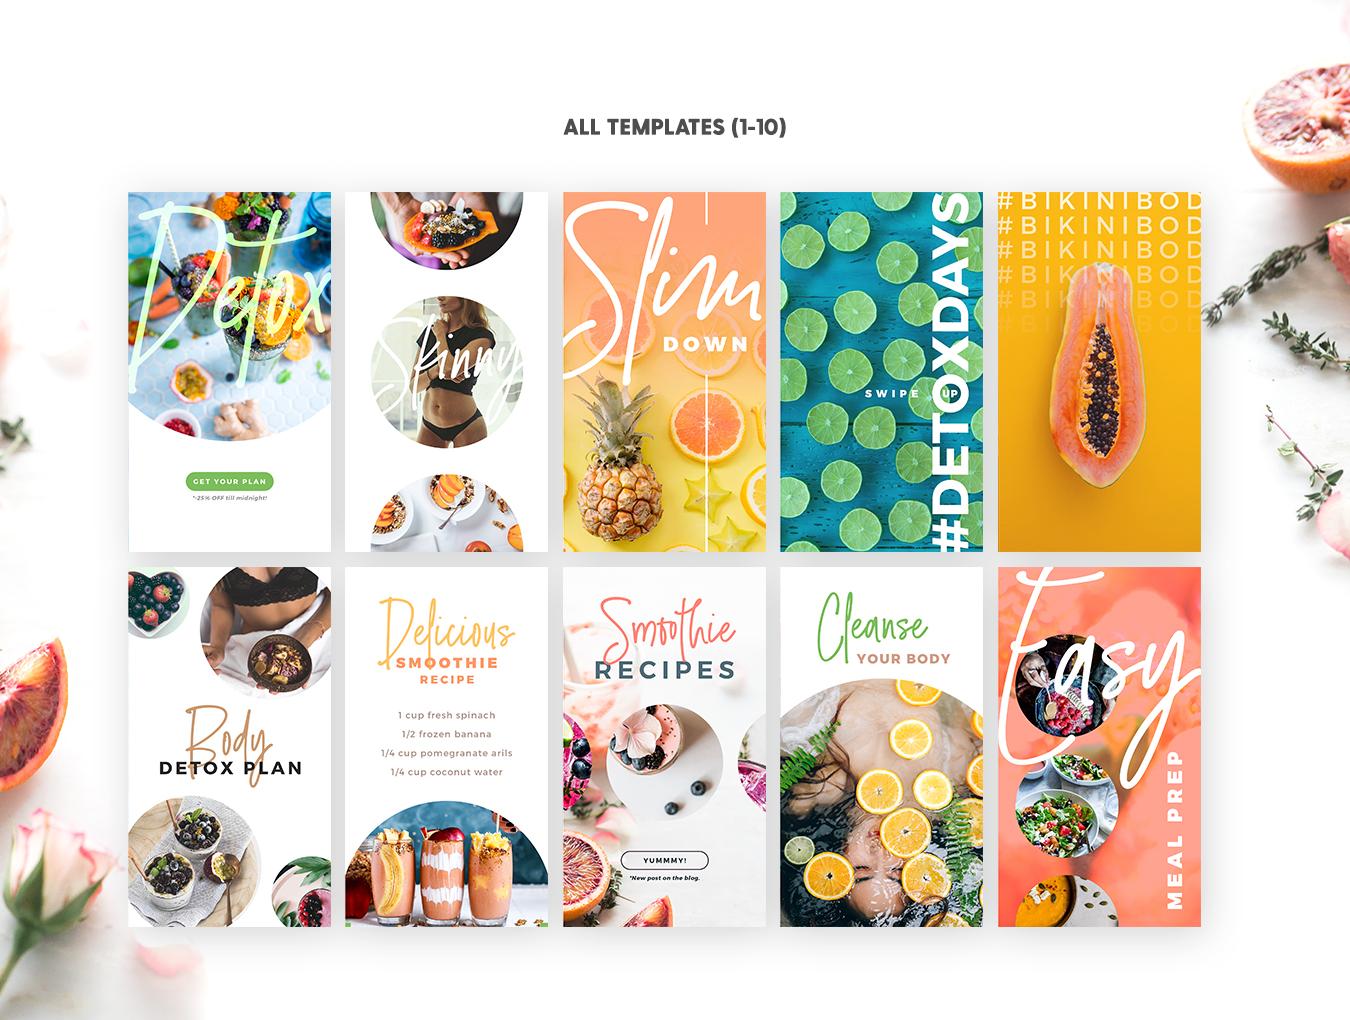 时尚饮食美食行业外卖APP UI设计 Detox Week Insta Stories